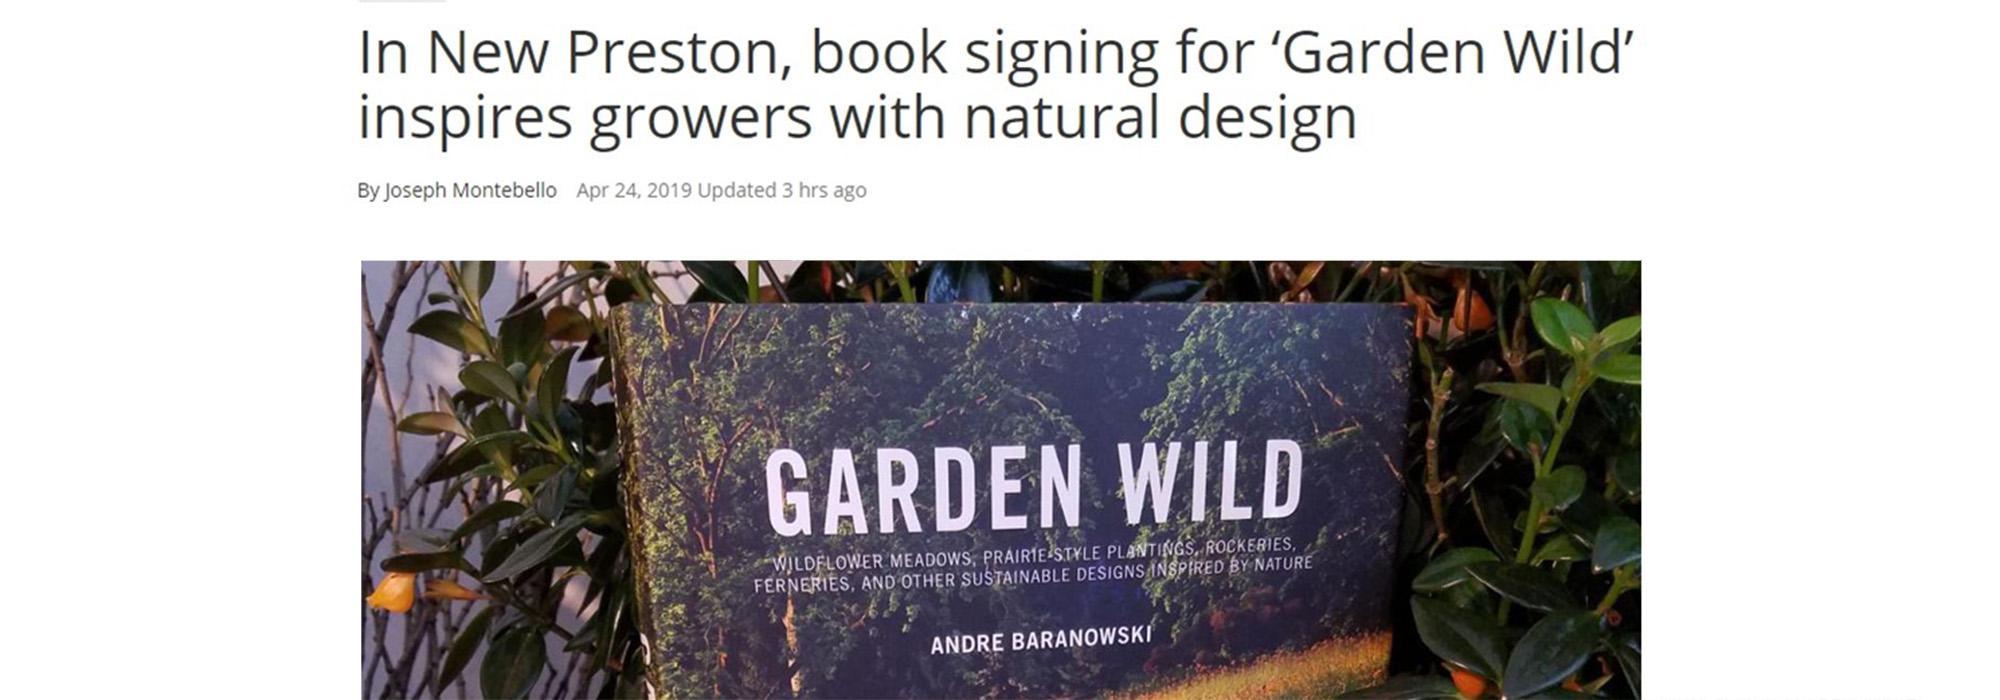 GardenWild_AndreBaranowski_2019_Hero_004.jpg